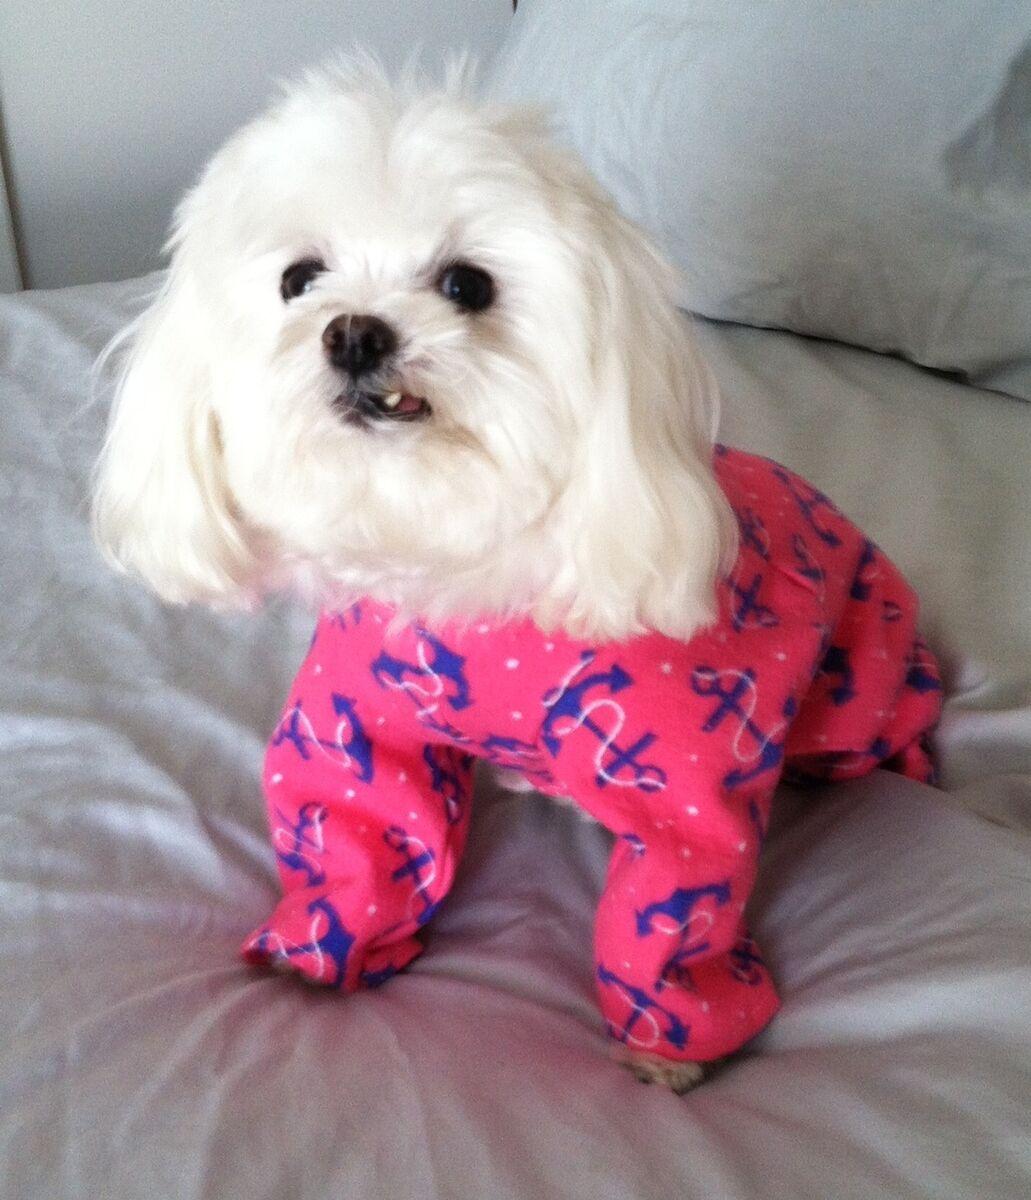 Really Cute Small Dog Pajamas Hot Pink w Anchor Print Dog Clothes USA New